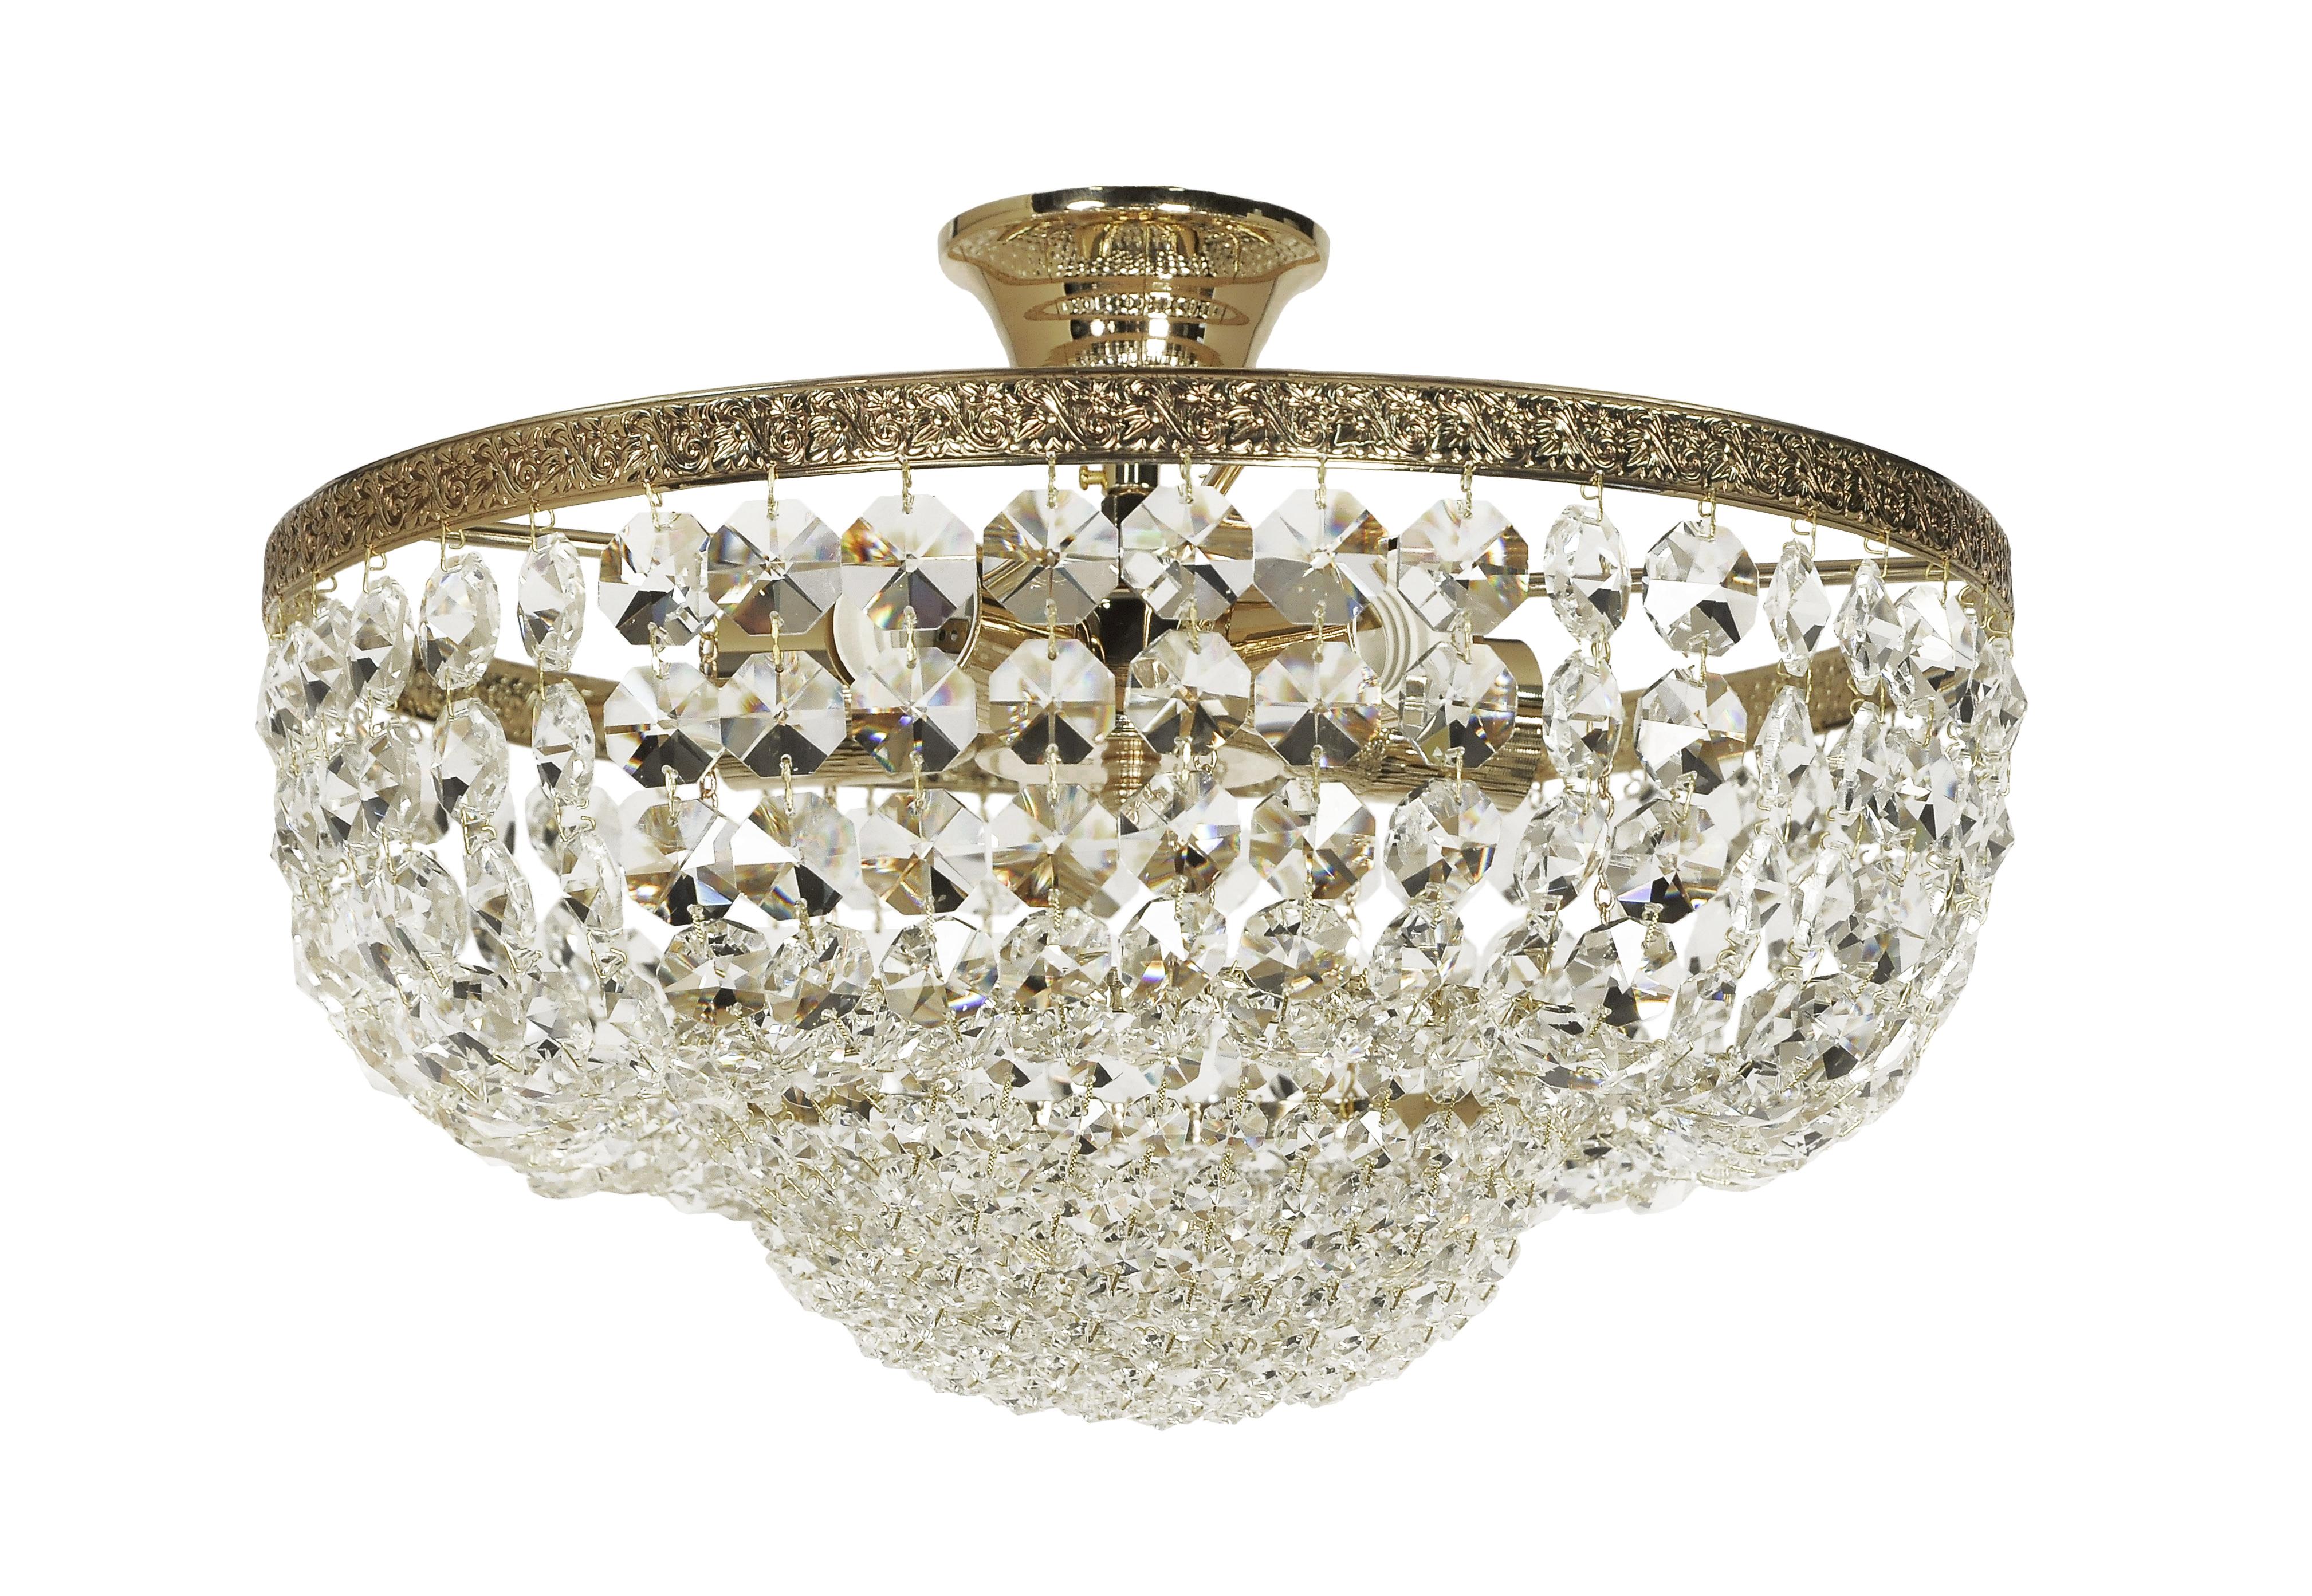 Люстра Arti lampadariЛюстры<br>Назначение светильника: для комнаты,<br>Стиль светильника: классика,<br>Материал плафона: стекло, хрусталь,<br>Материал арматуры: металл,<br>Диаметр: 300,<br>Высота: 400,<br>Количество ламп: 5,<br>Тип лампы: накаливания,<br>Мощность: 60,<br>Патрон: Е27,<br>Цвет арматуры: золото<br>